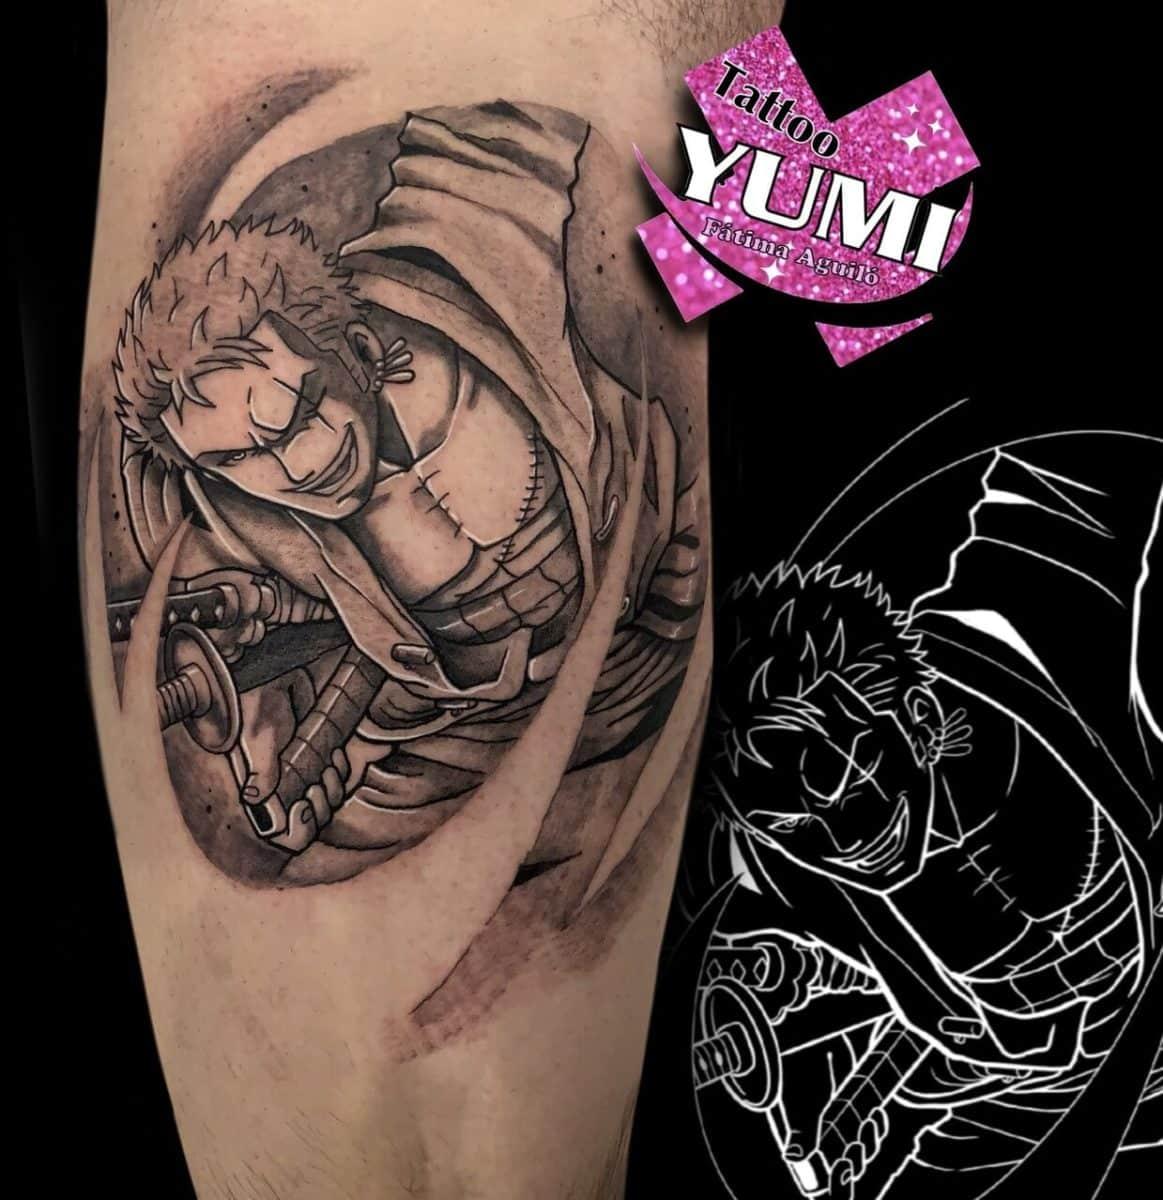 yumi-tattoo-artist-naruto